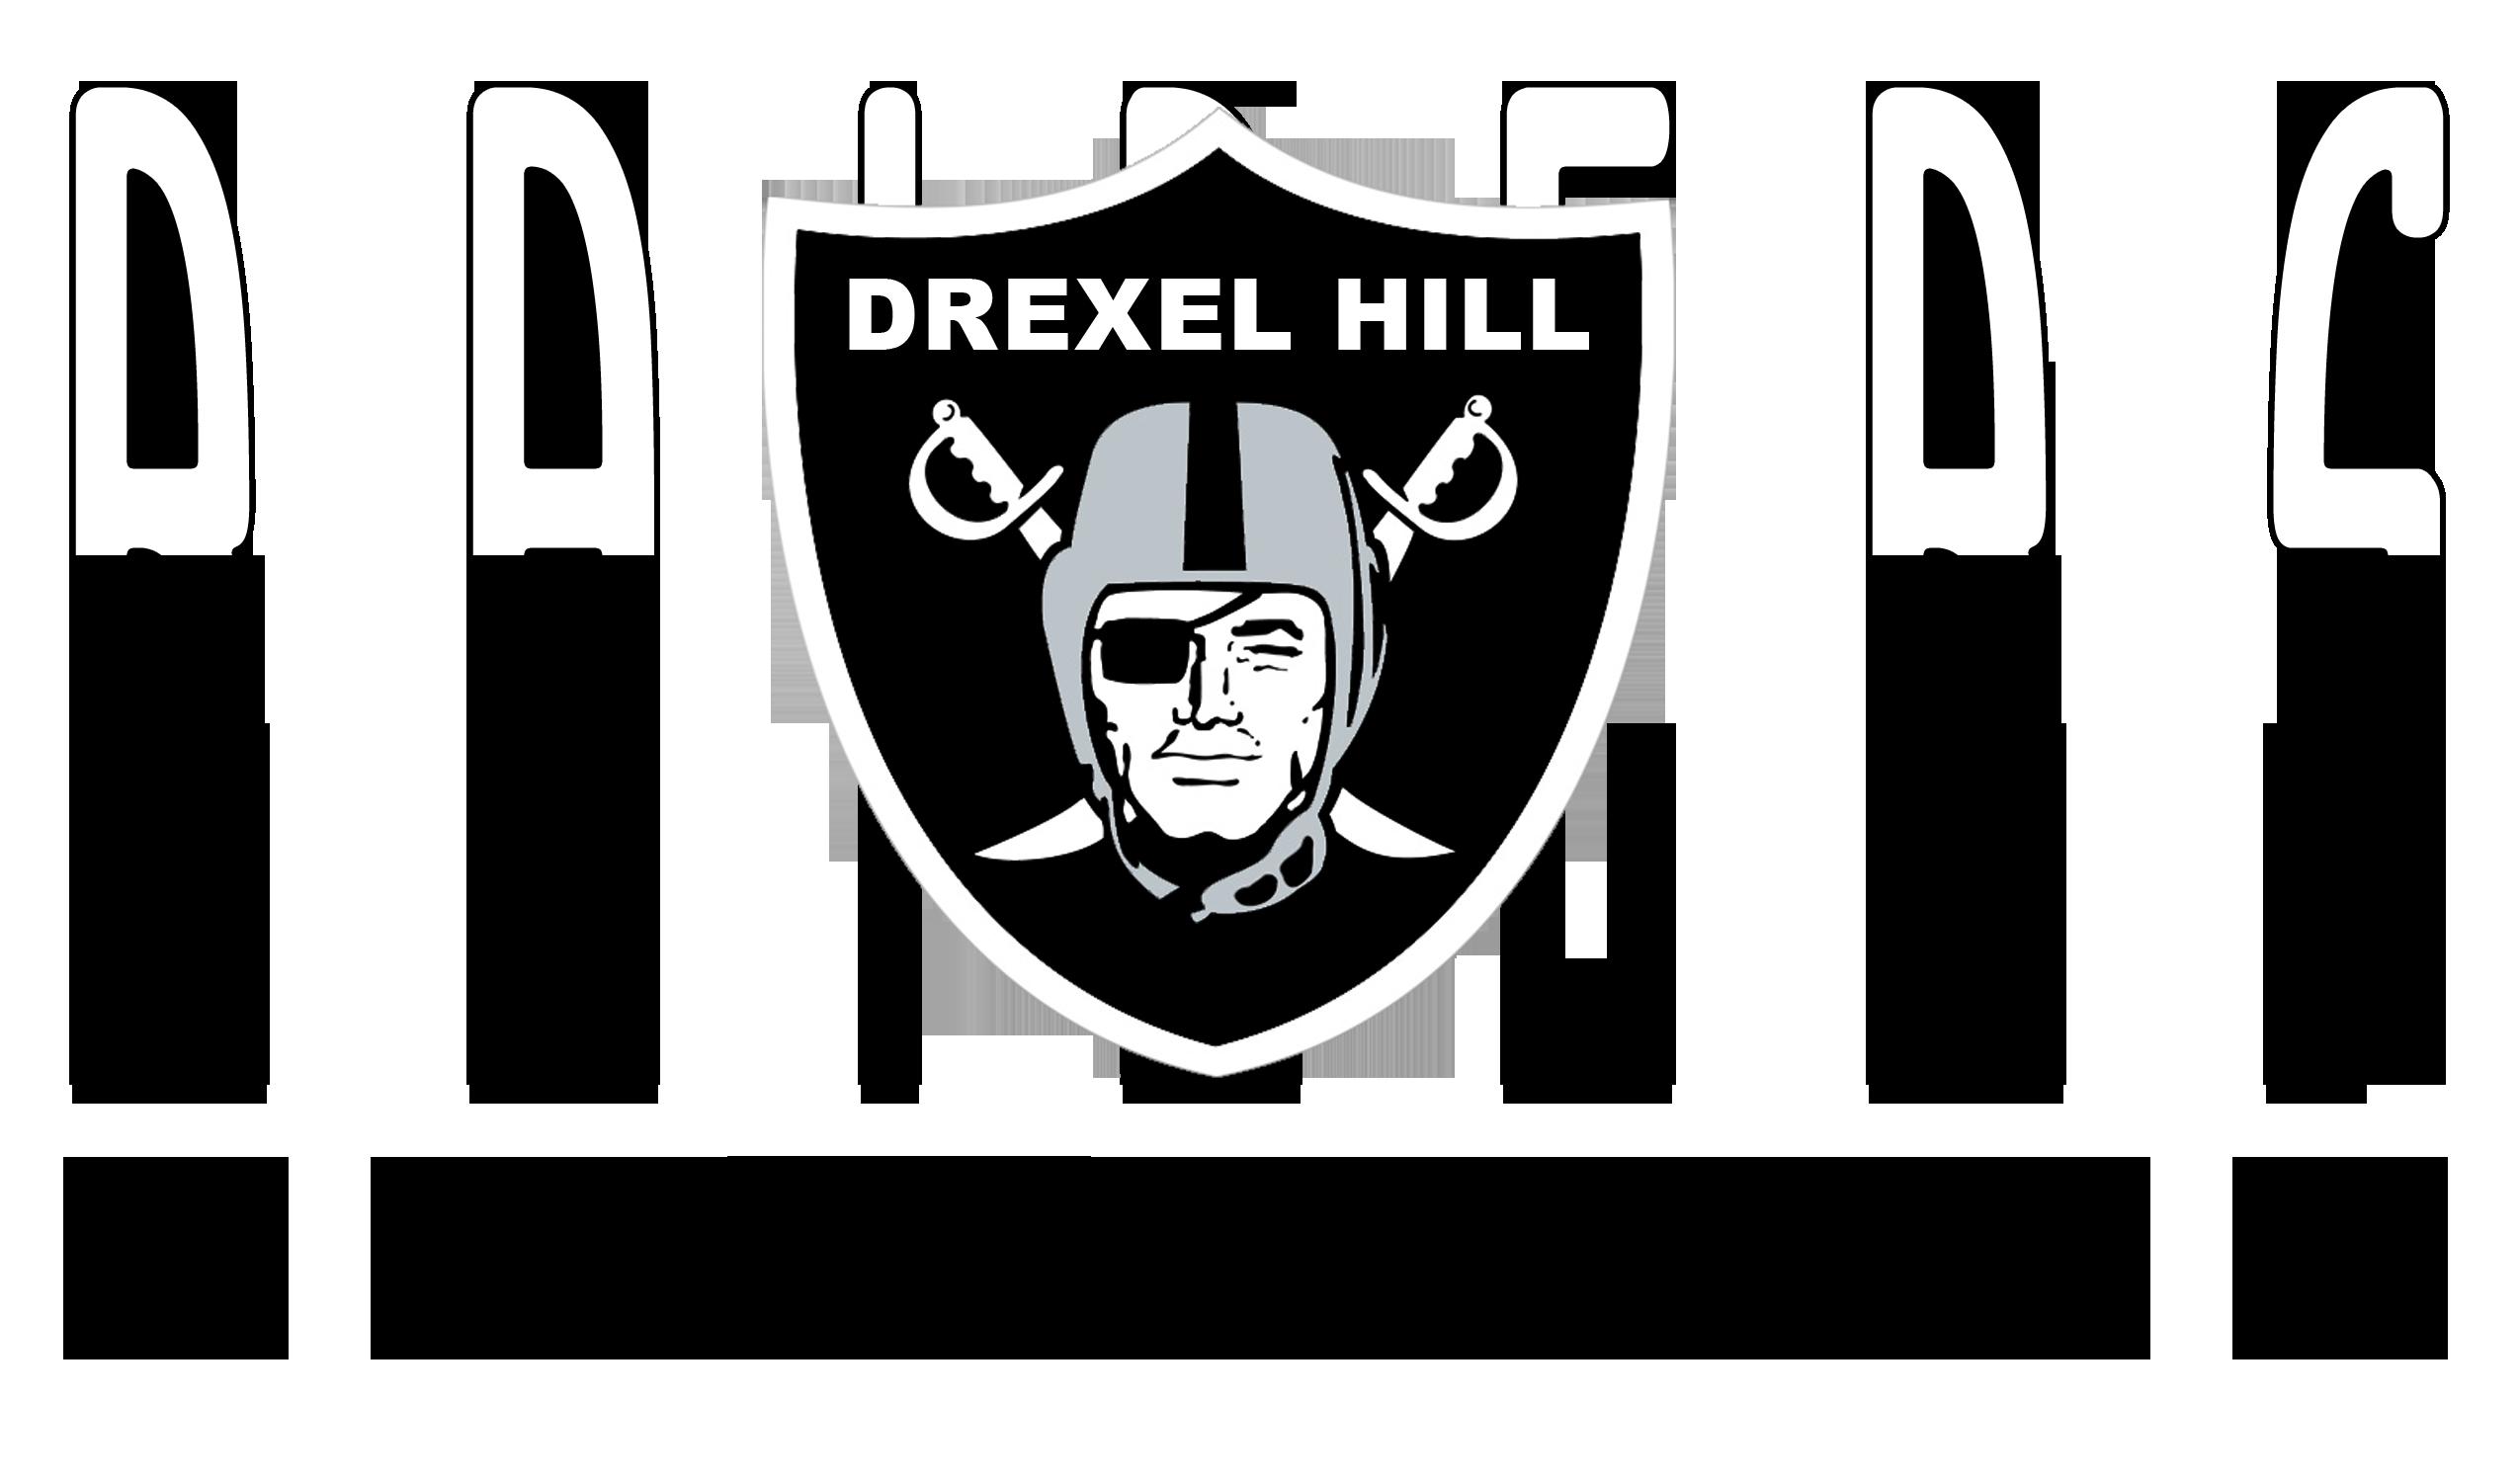 football home drexel hill raiders